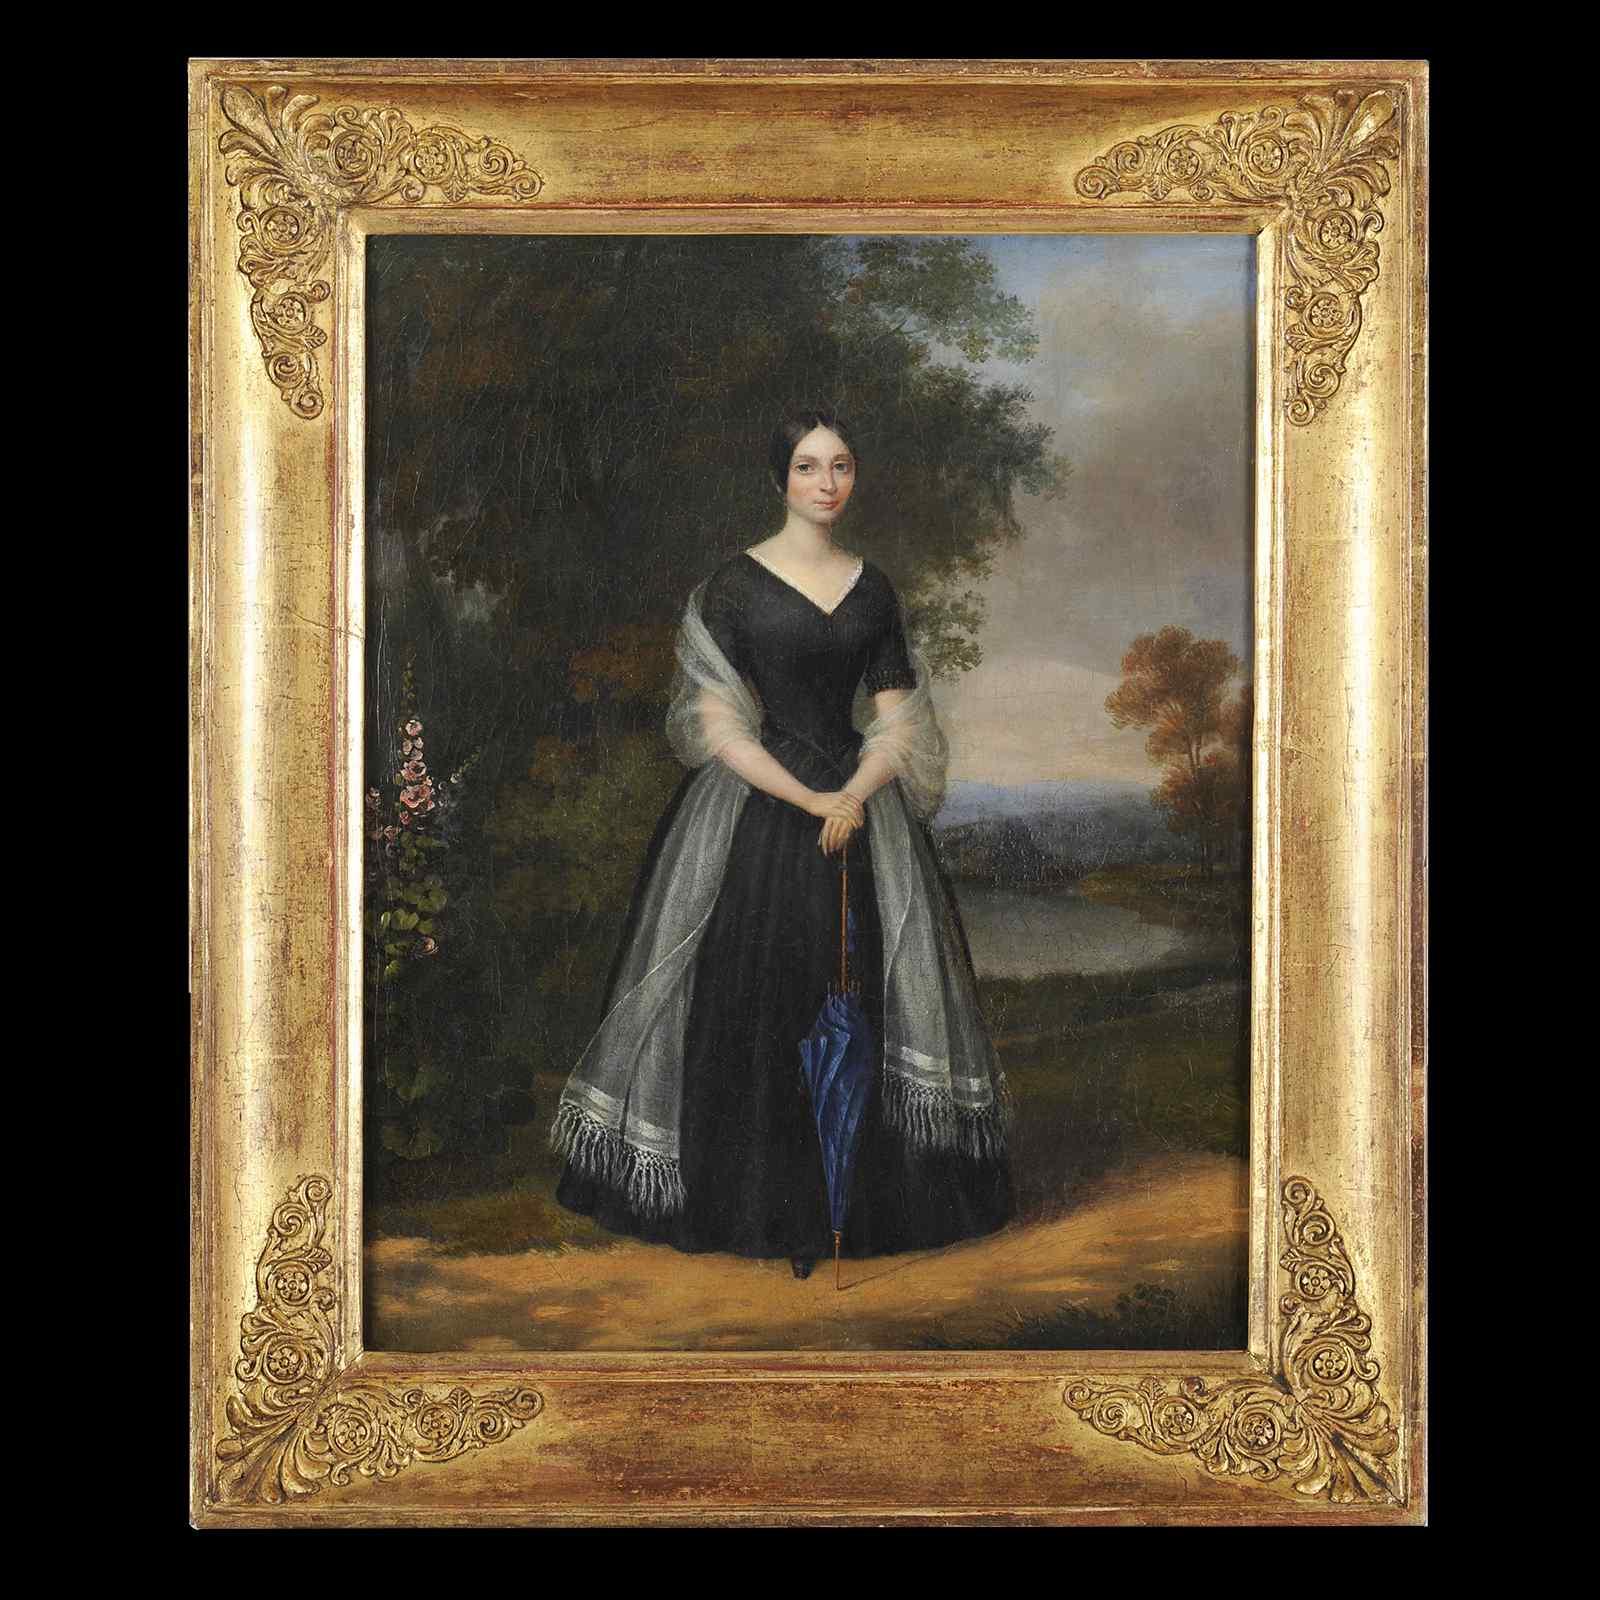 Pierre Duval Le Camus (Att in.) - Ritratto di donna